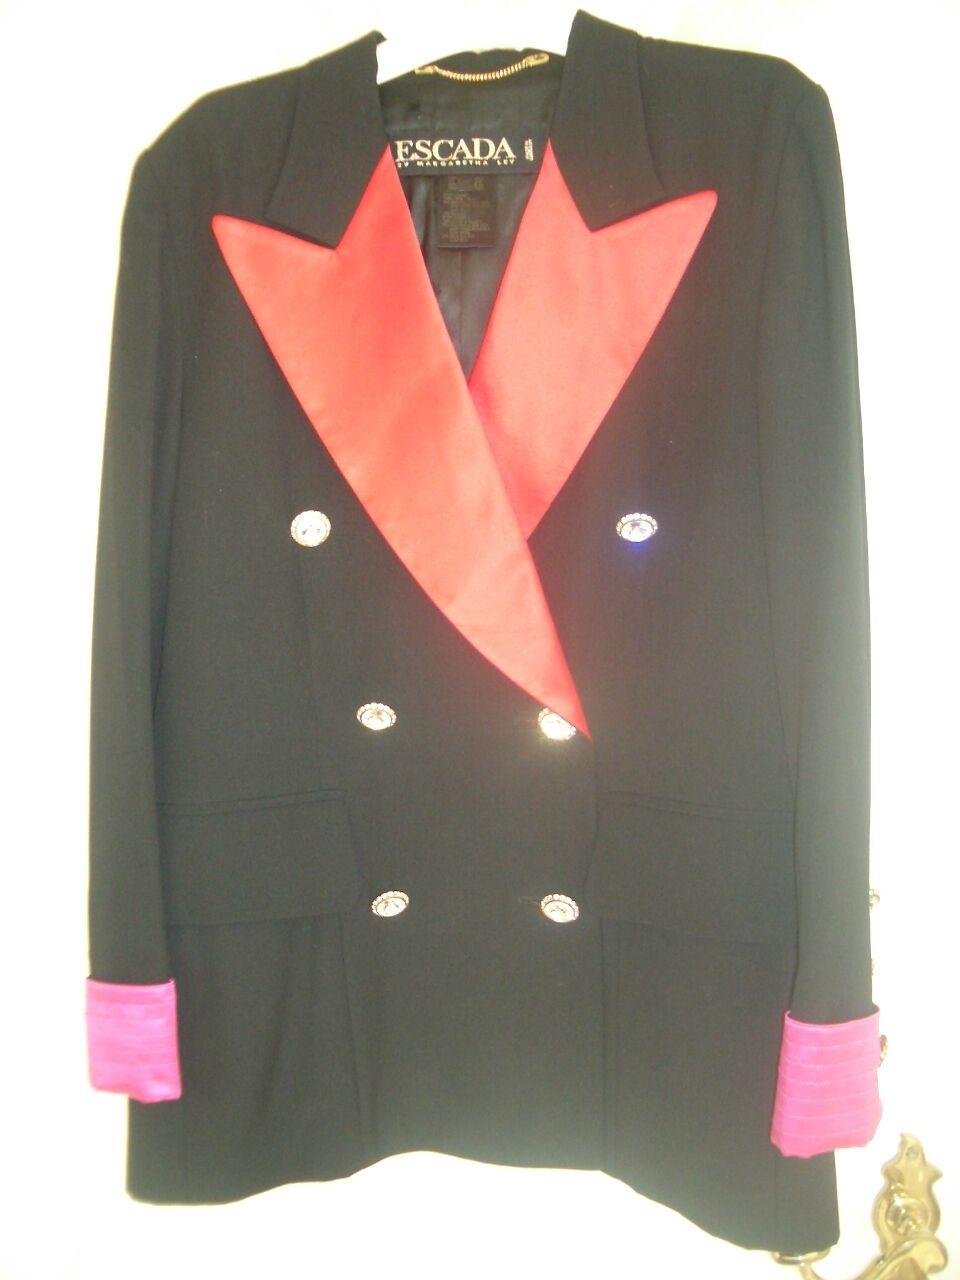 LUXUS DESIGNER ESCADA ABEND Blazer SMOKING Swarovski glitzer 38 38 38 40 pink black 1c993e